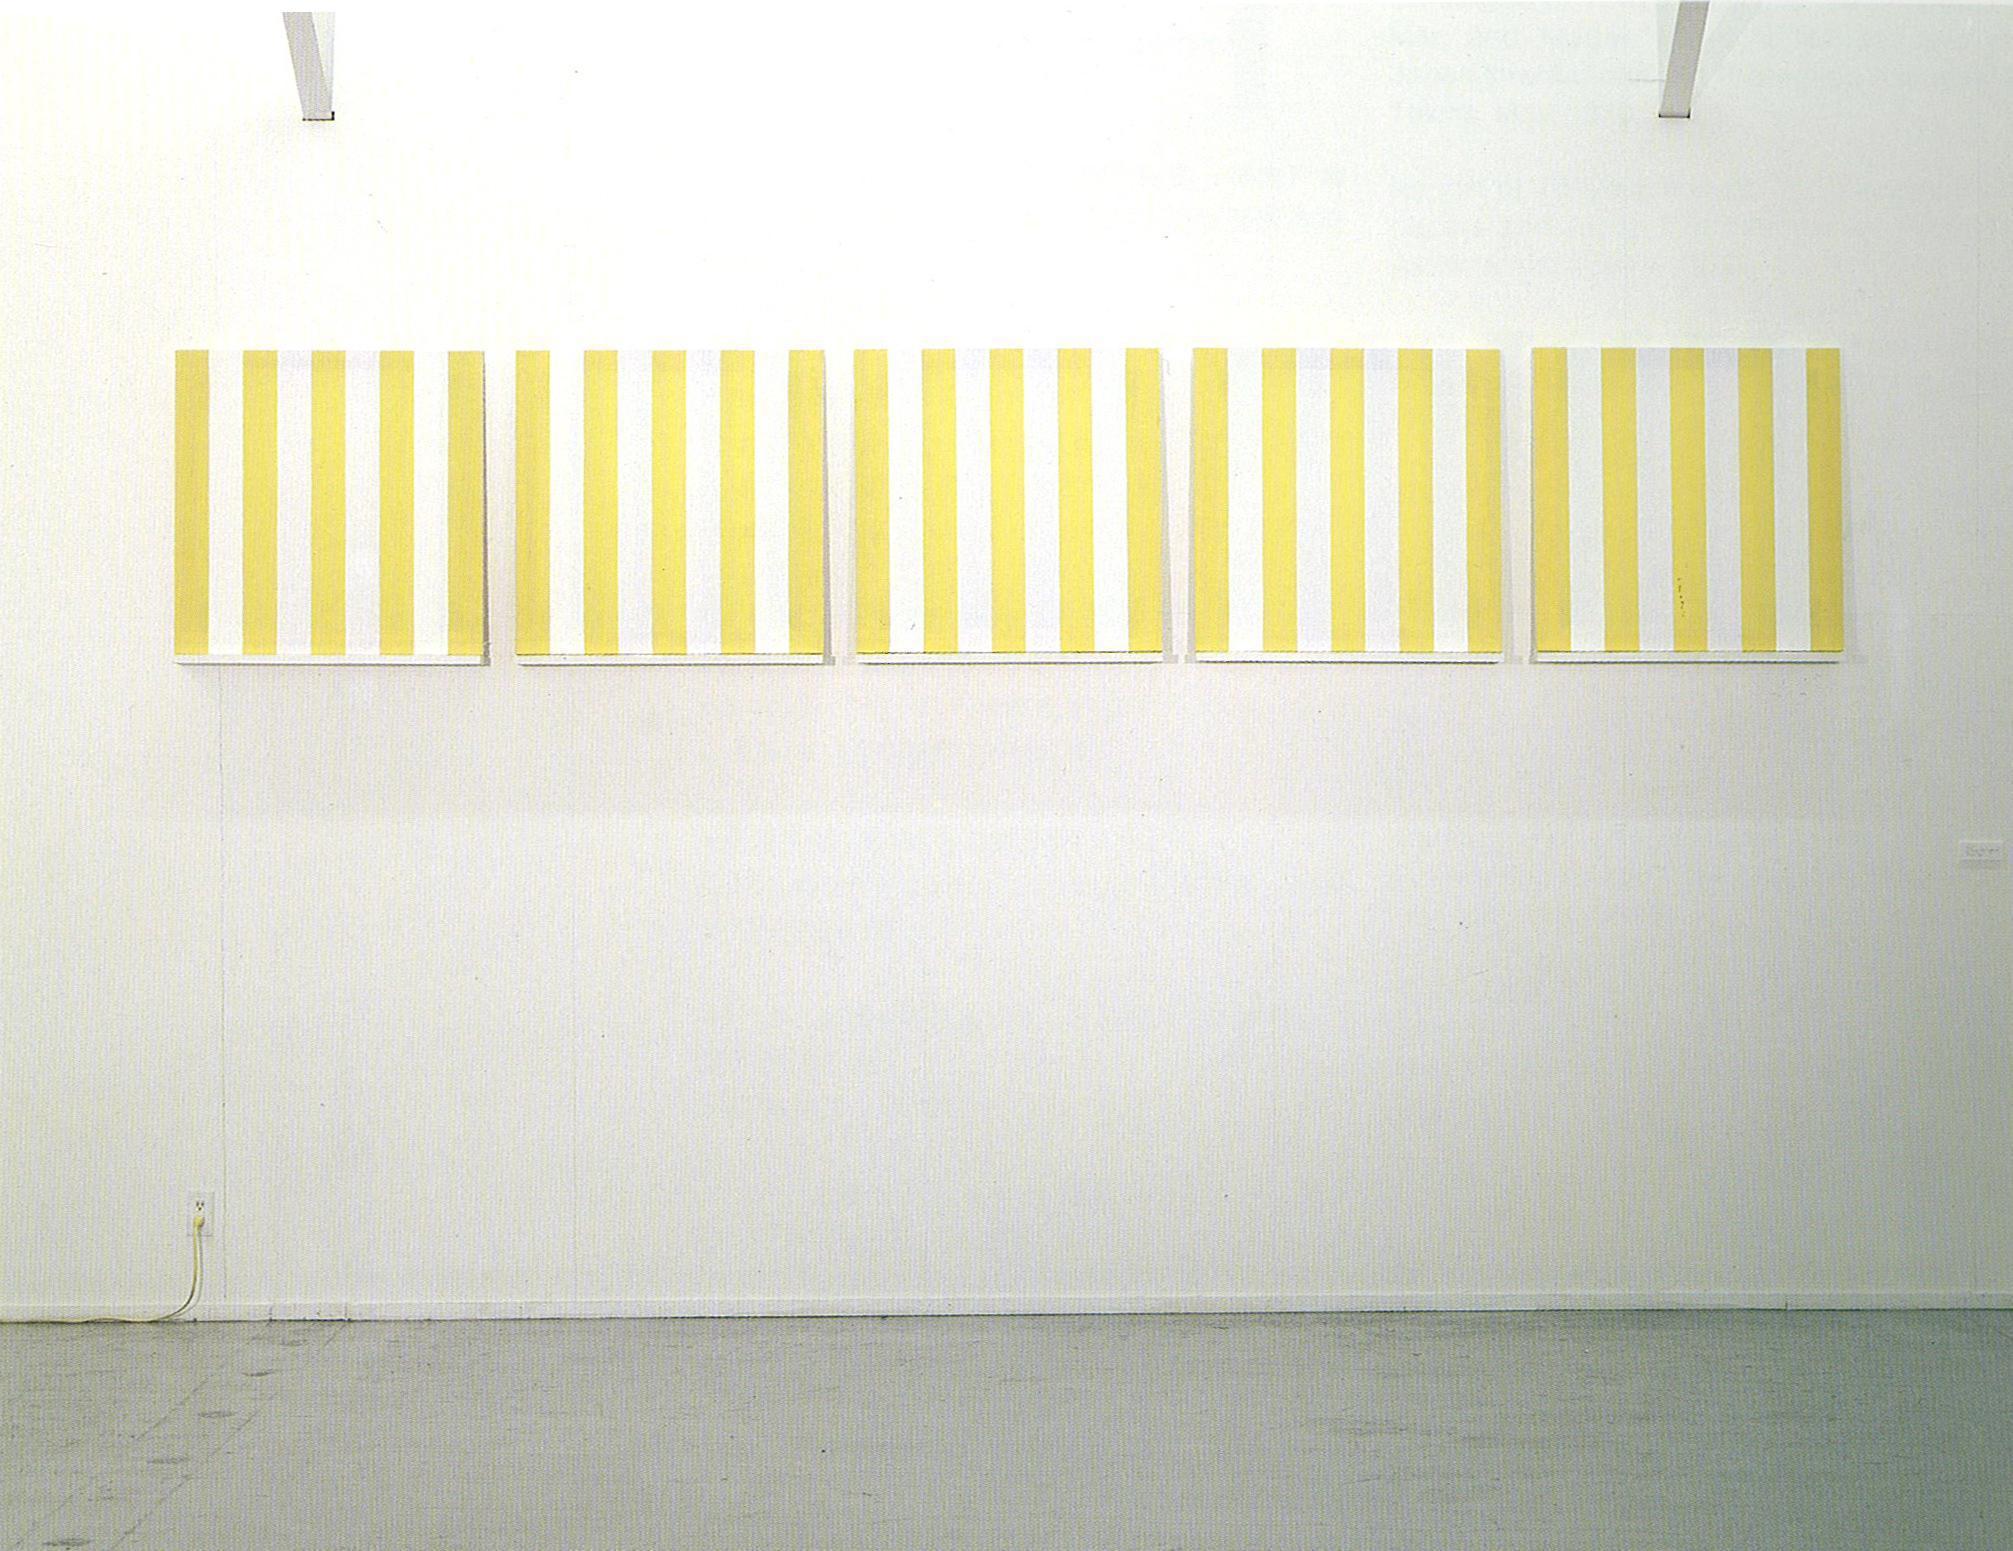 Daniel Buren'5 Elements' Tissu blanc et jauneLes deux bandes extremes blanches recouvertes de peinture acrylique blanche1989, White and yellow cloths and acrylic on canvas300 × 1350 cm (installation size) 78 × 78 cm × 5 pieces